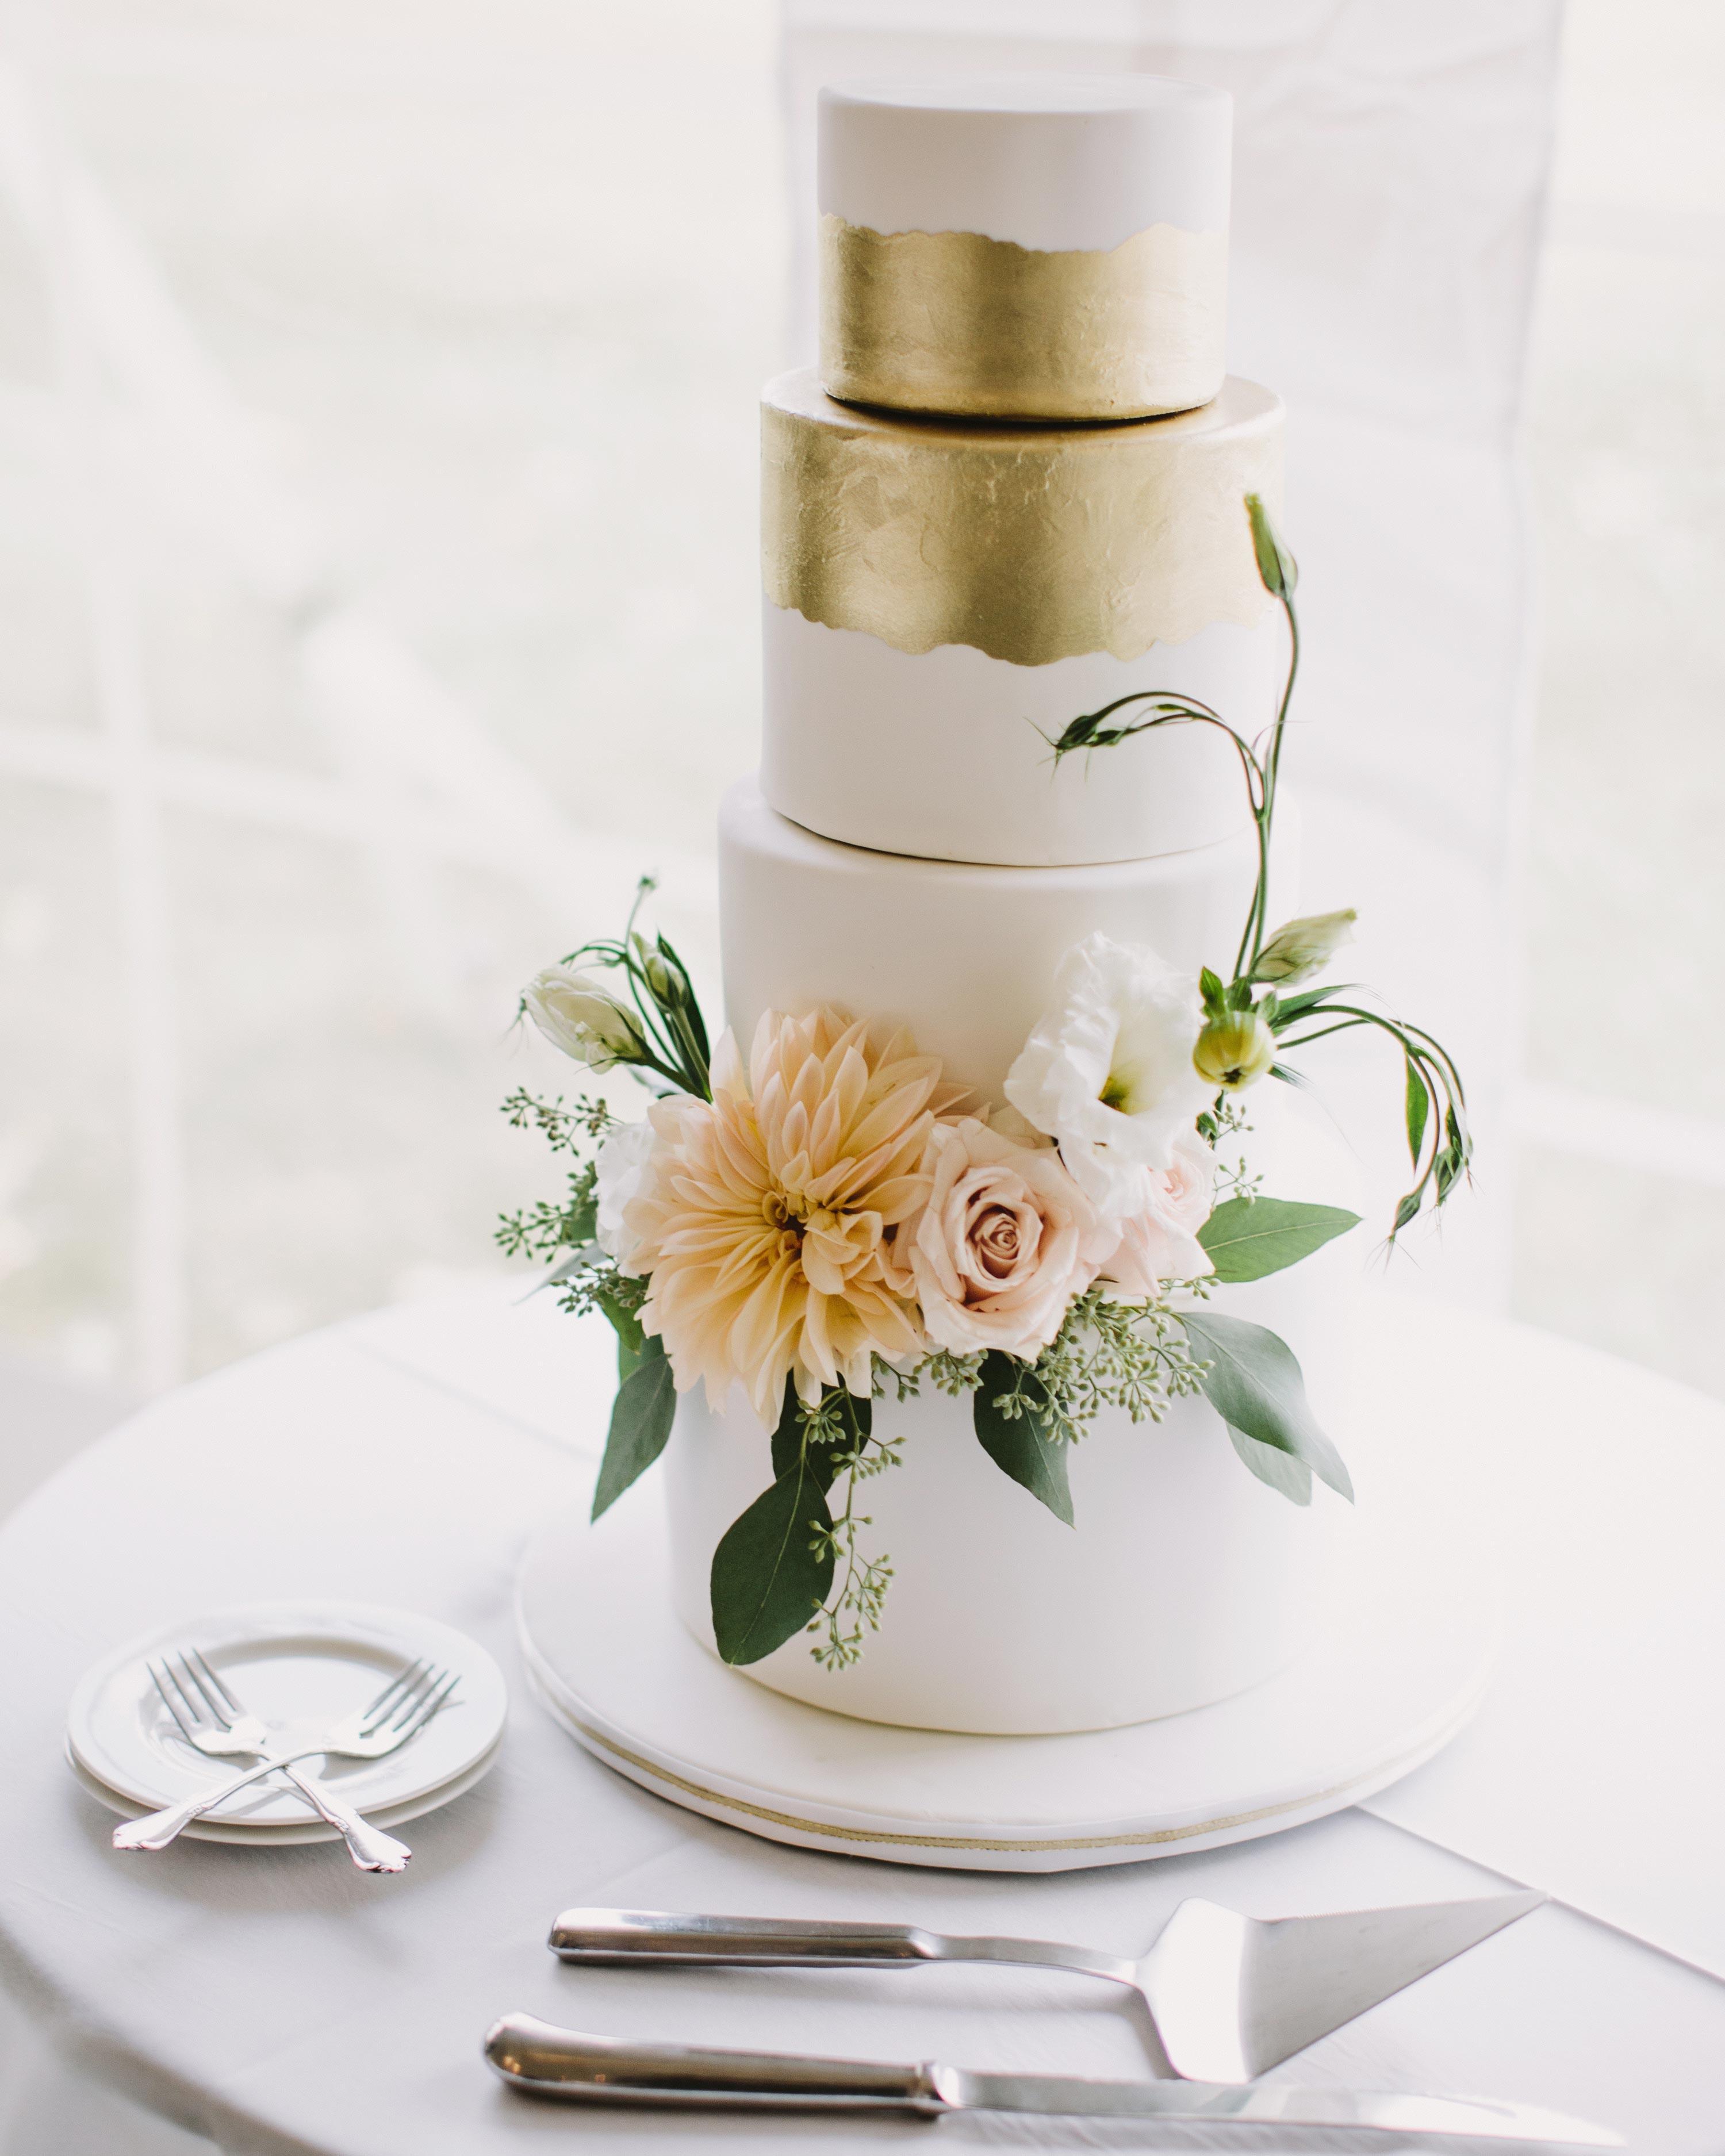 kristen-steve-wedding-cake-019-s113058-0616.jpg